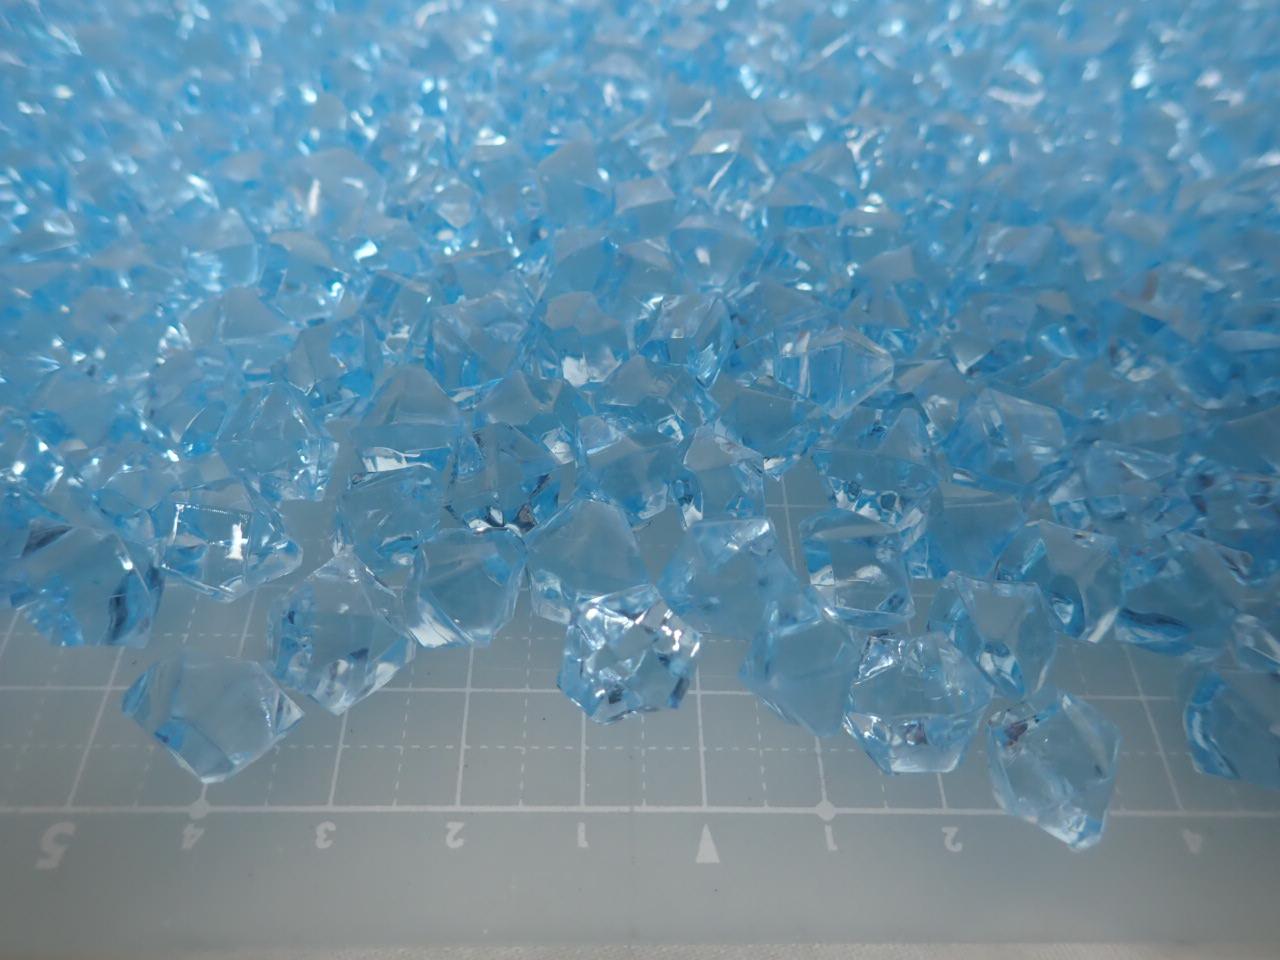 アクリルアイス・ディスプレイアイス・イミテーションアイス・透明石(S・約1cm)ブルー250g約330粒